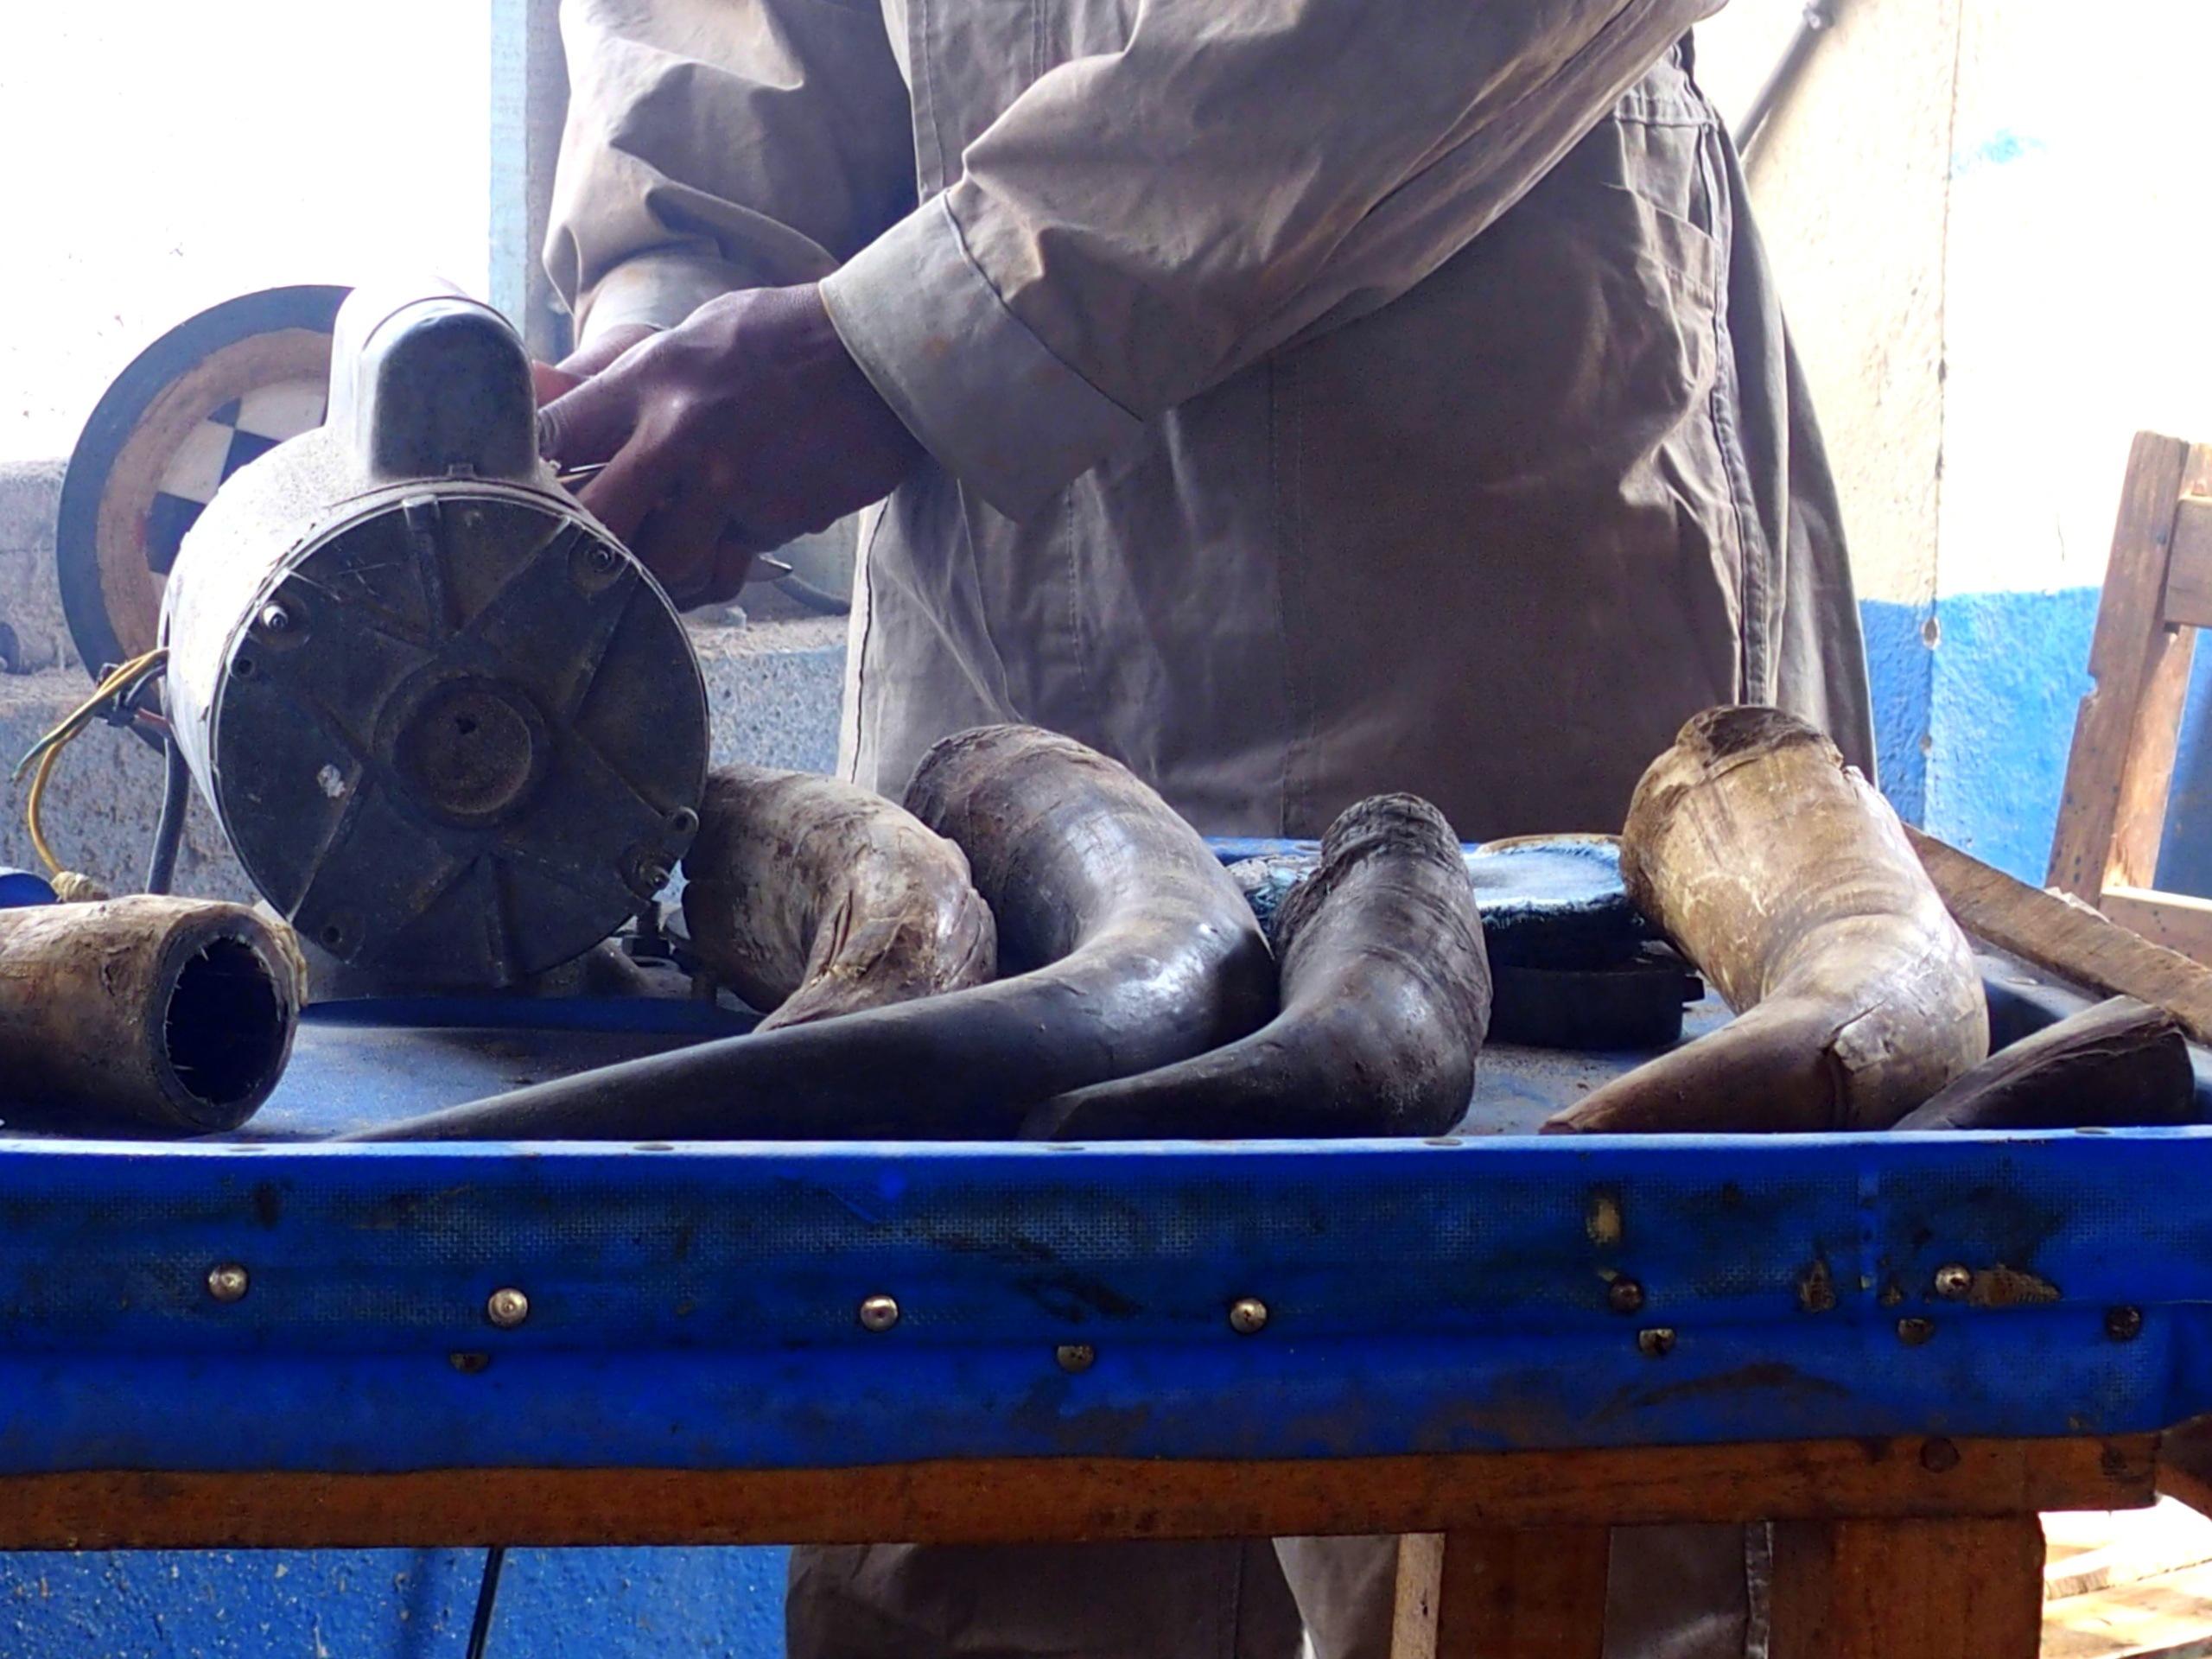 Travail artisanal sur cornes de buffles Madagascar.